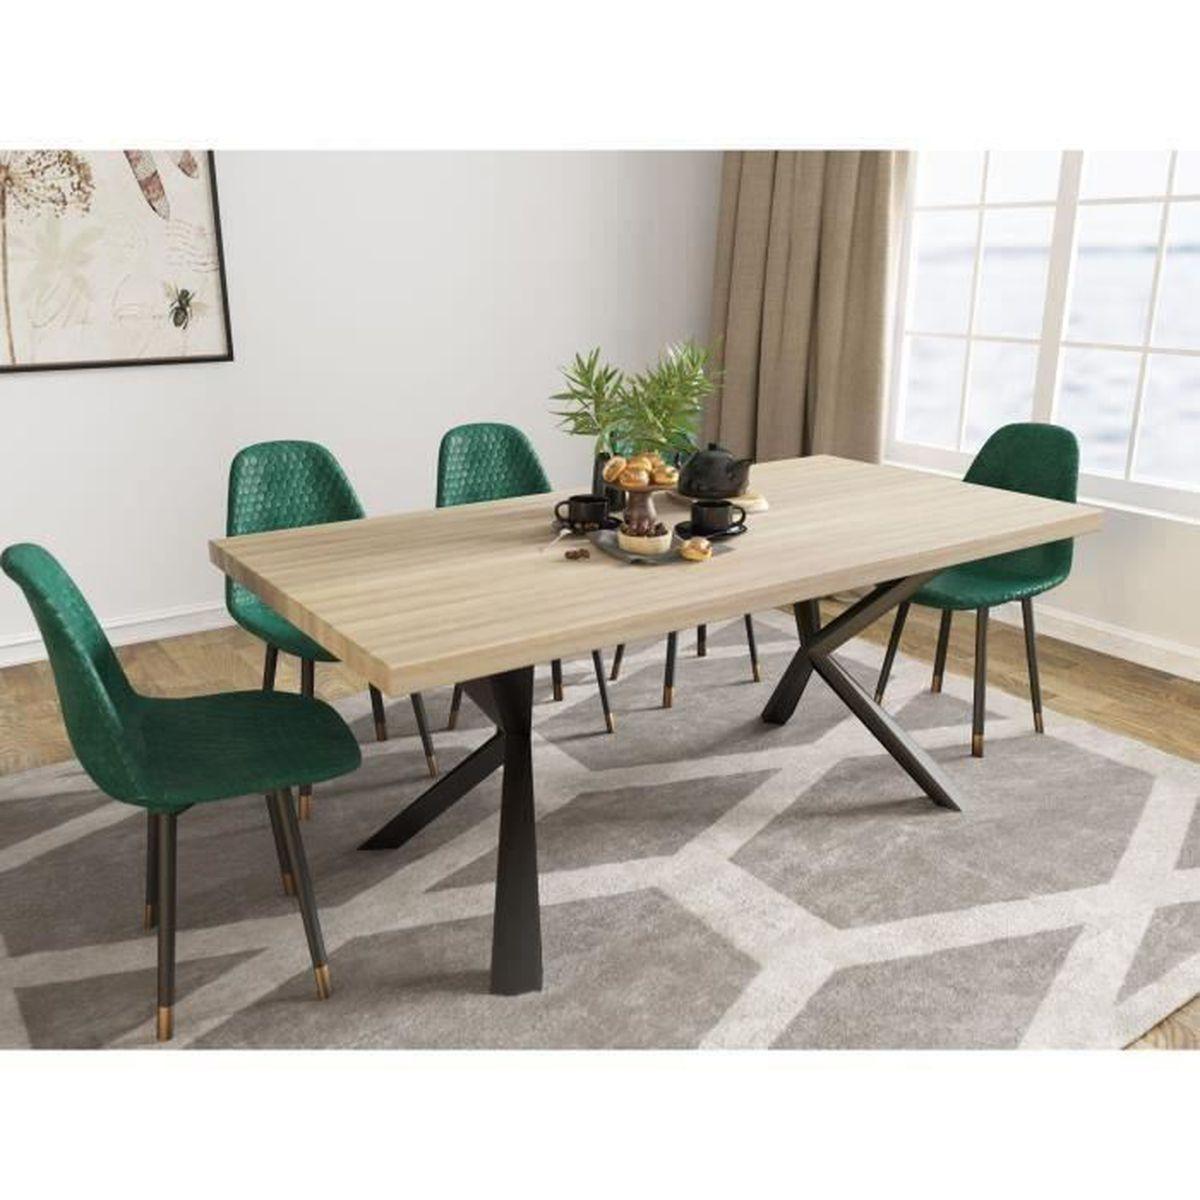 Table à manger design en bois et métal 6 personnes KINGA - Achat